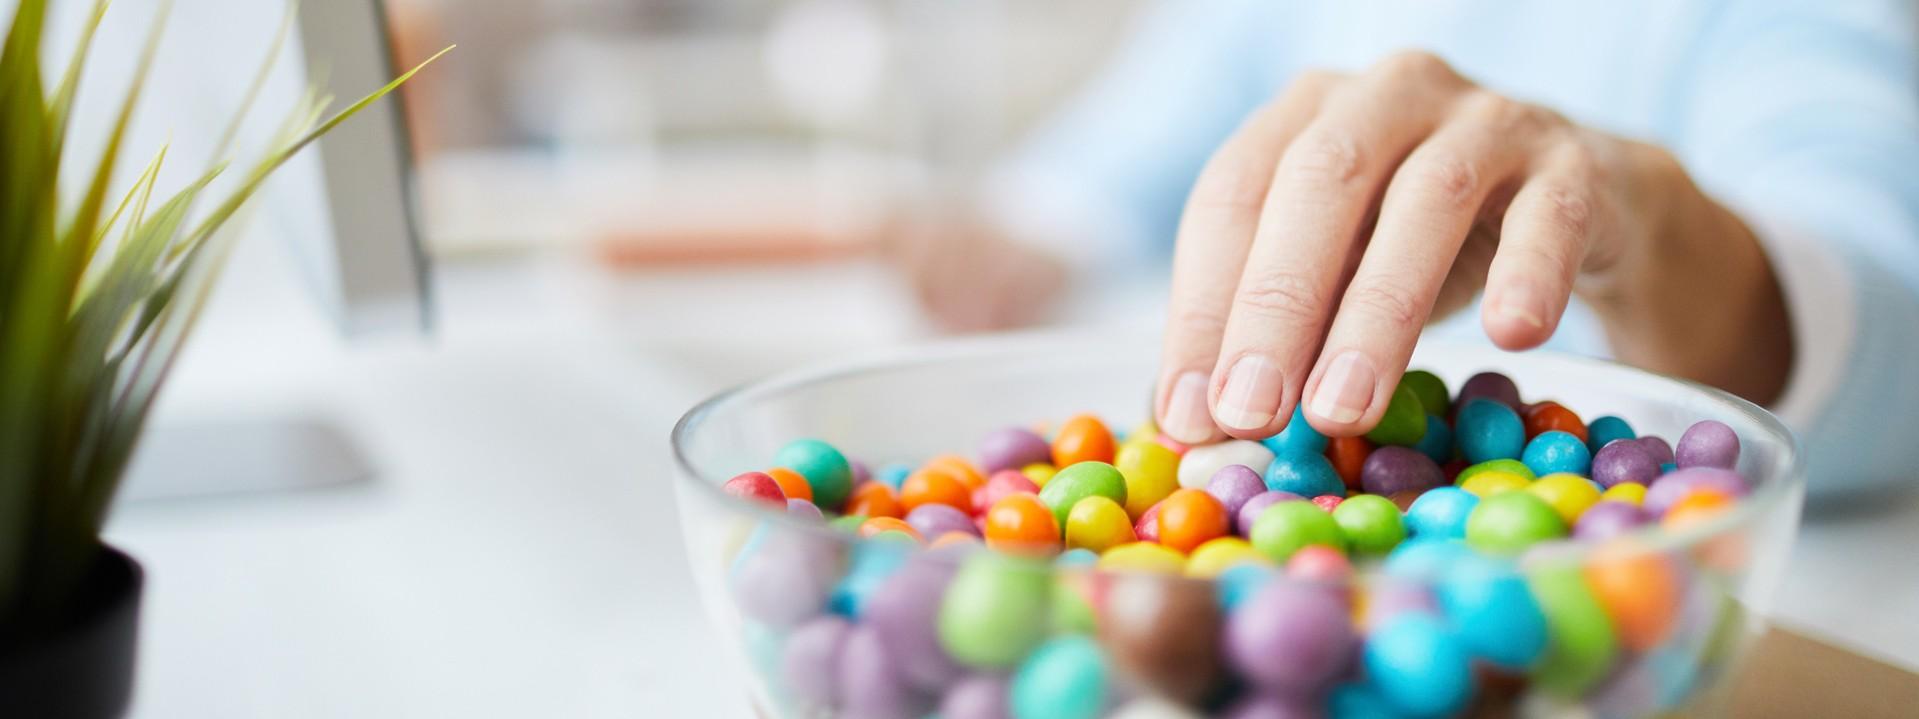 Frau greift in eine Schüssel mit Süßigkeiten